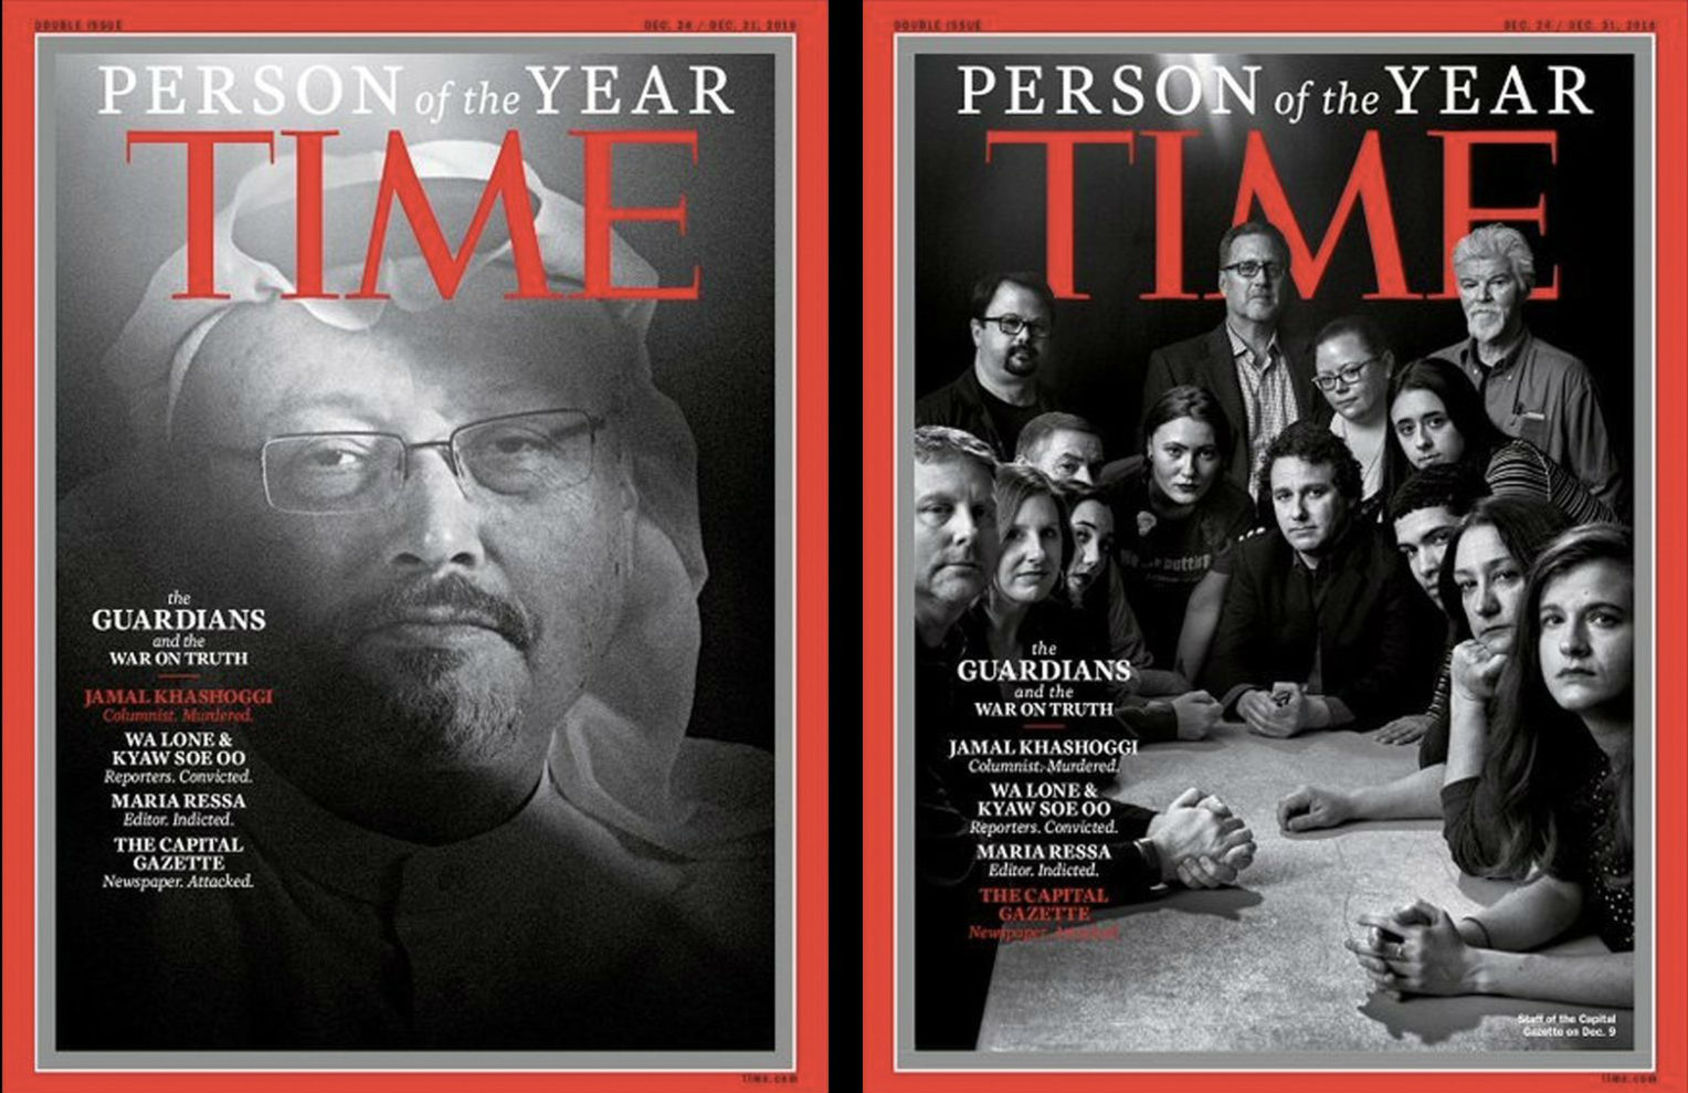 Årets person är utsatta journalister